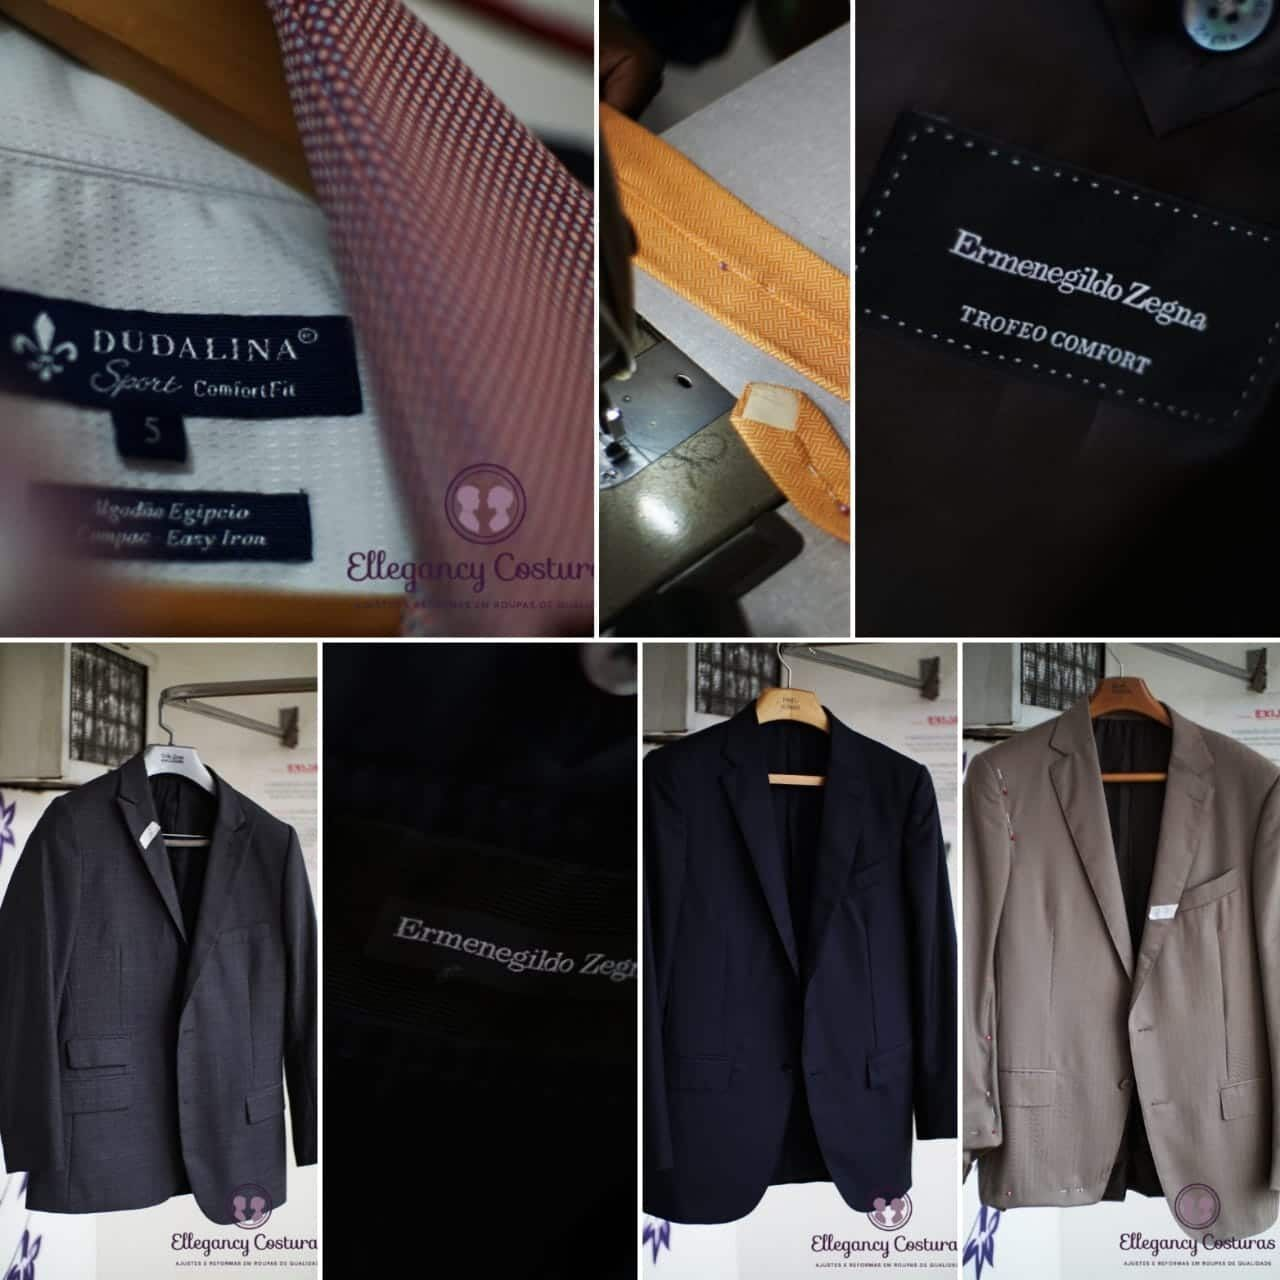 preciso-de-costureira-para-consertar-roupas-1-5495800